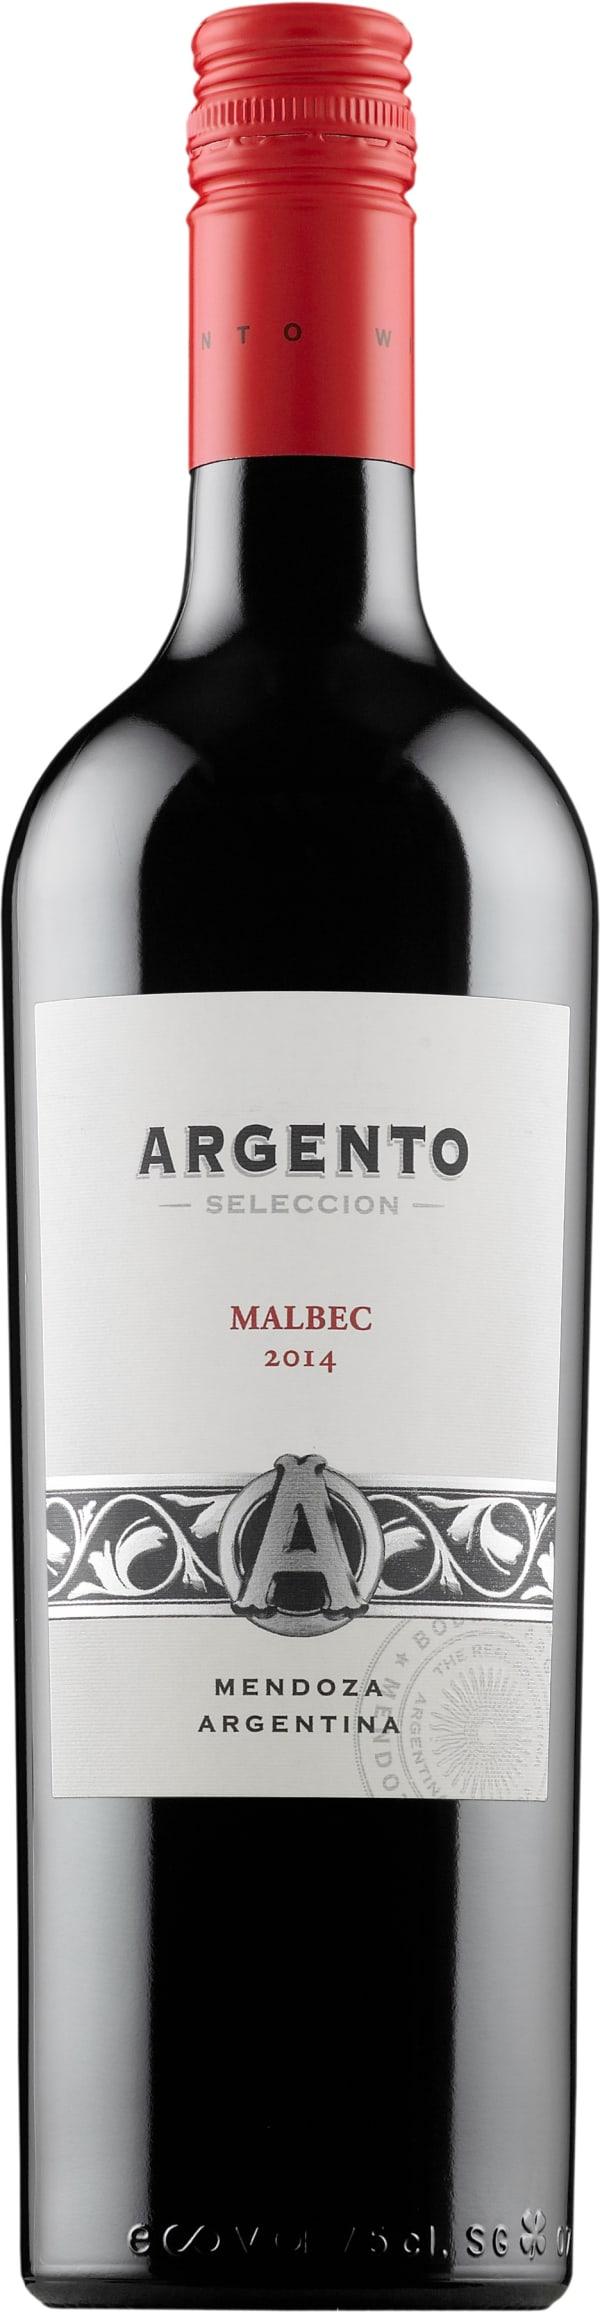 Argento Seleccion Malbec 2018